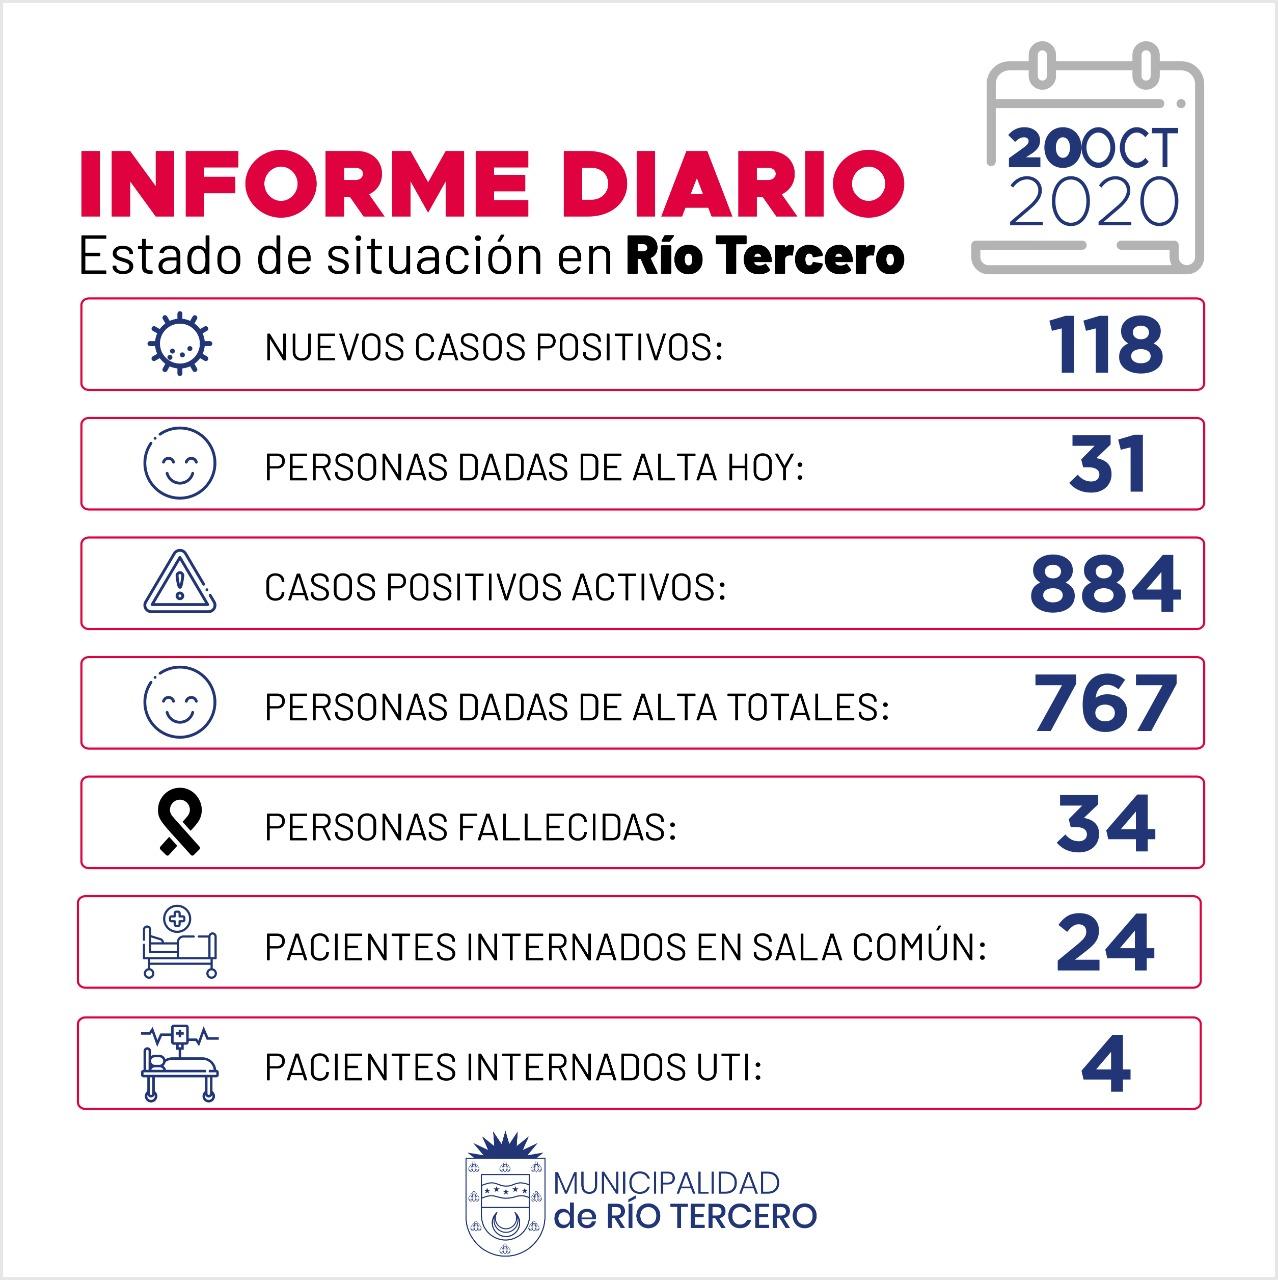 CORONAVIRUS: RÍO TERCERO SE REGISTRARON 118 NUEVOS CASOS POSITIVOS, 1 FALLECIDO